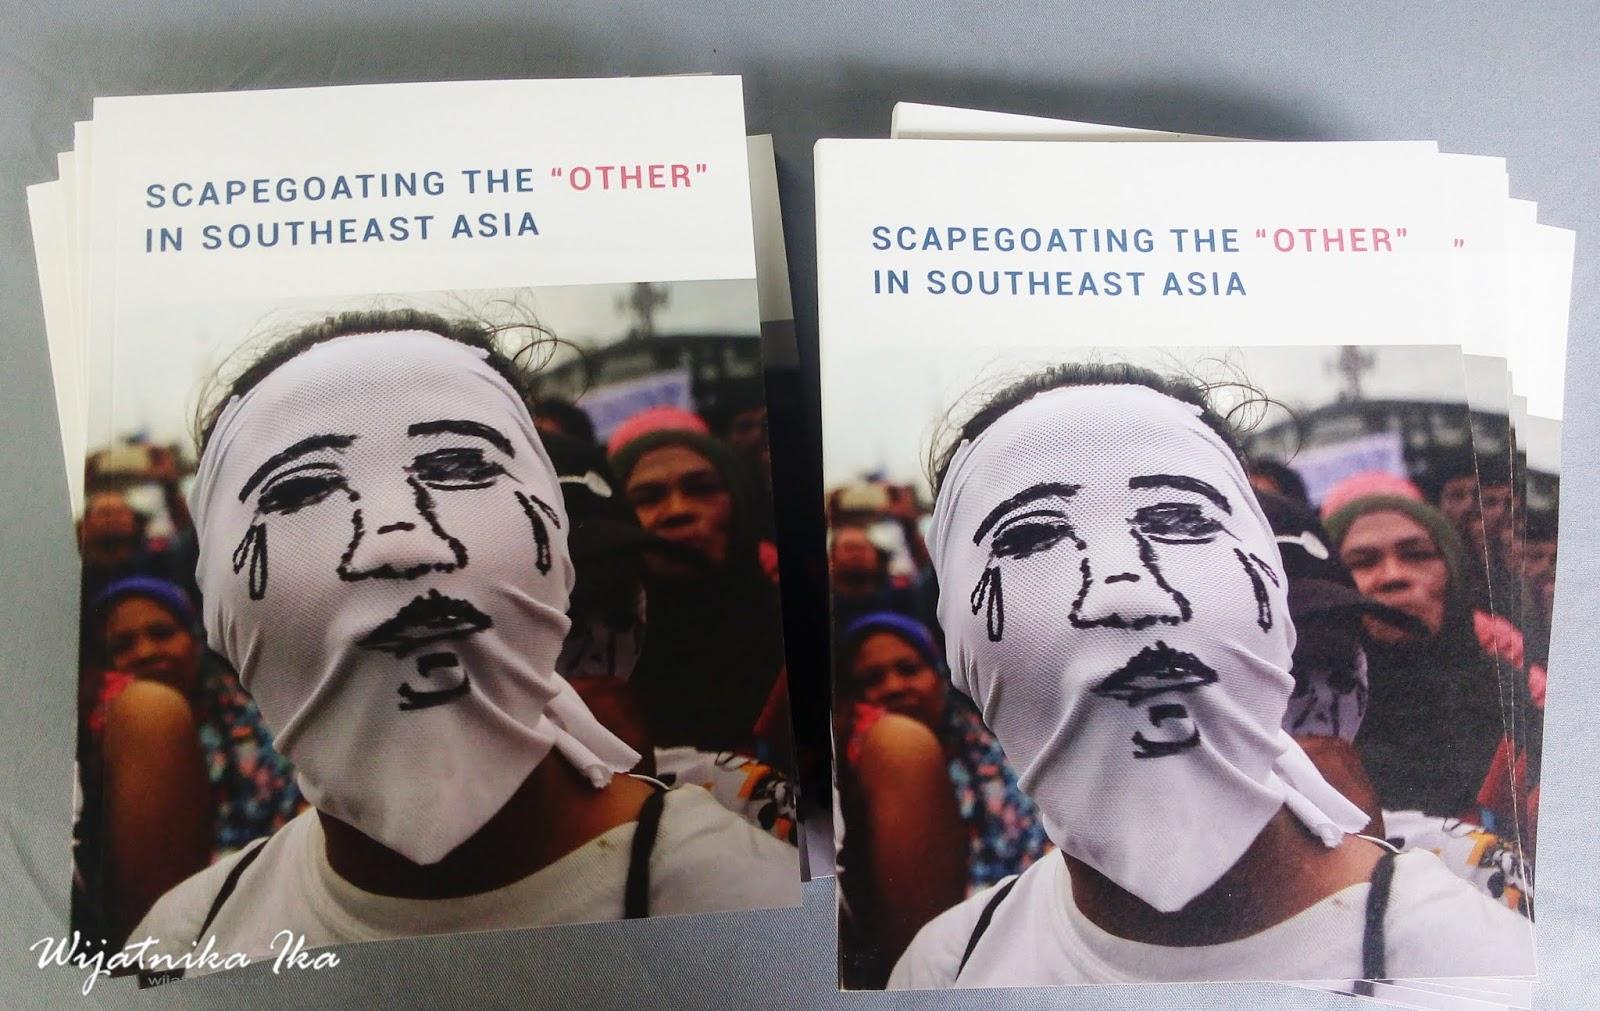 """Segenggam Cerita dari Pameran Foto Kemanusiaan Bertajuk: Scapegoating the """"Other"""" in Southeast Asia"""